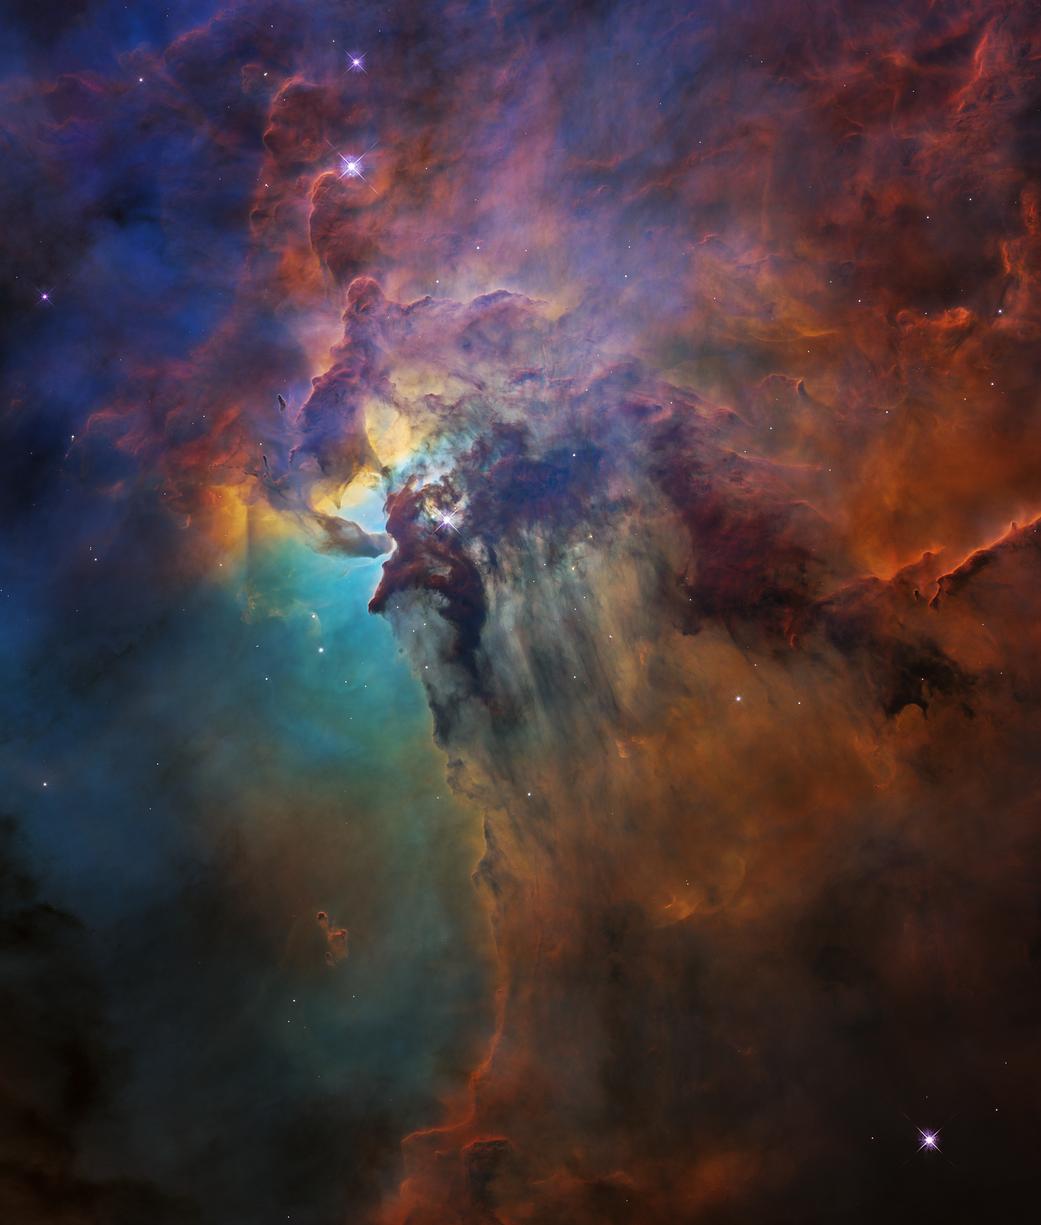 aqua, magenta, black, colorful clouds in space